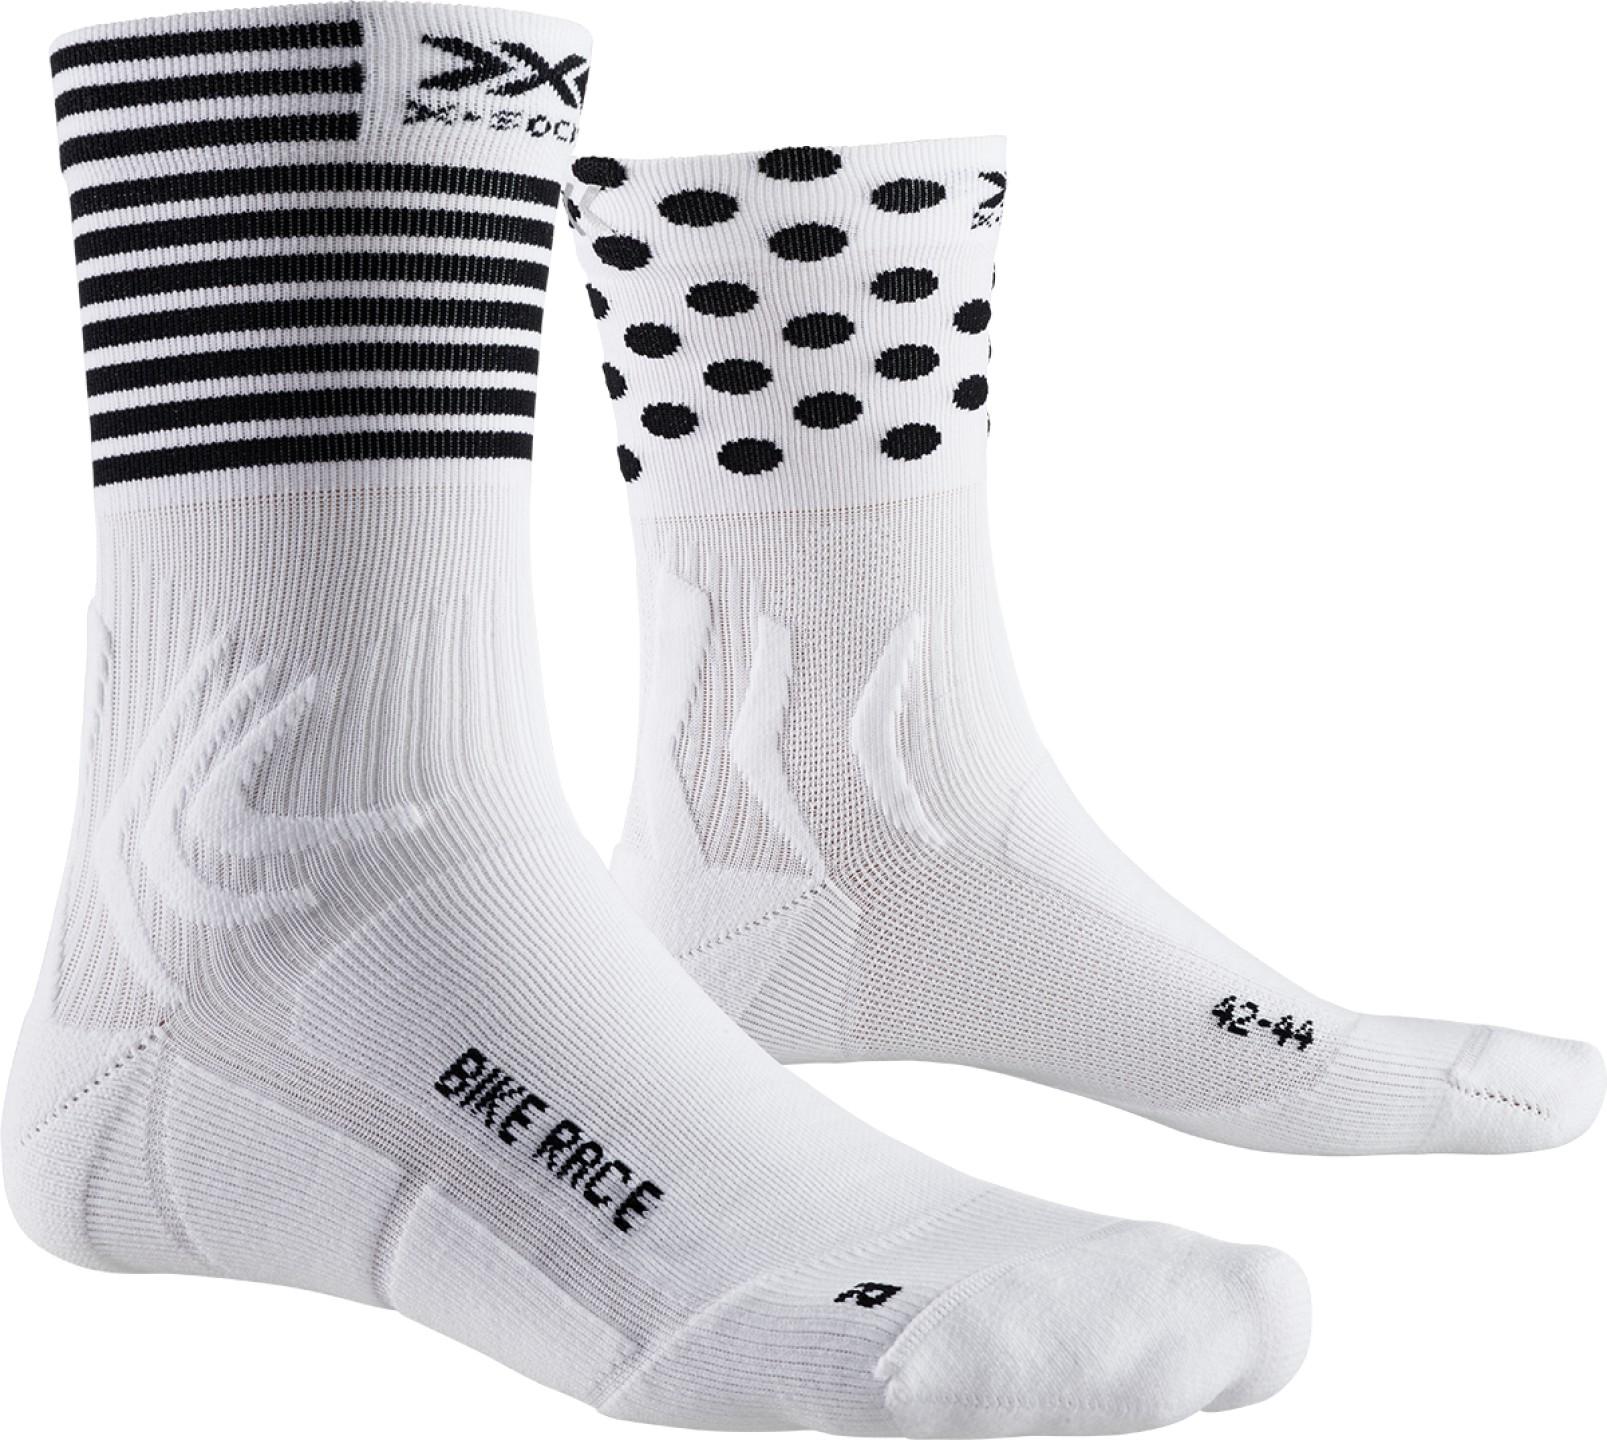 Bike Race Socks